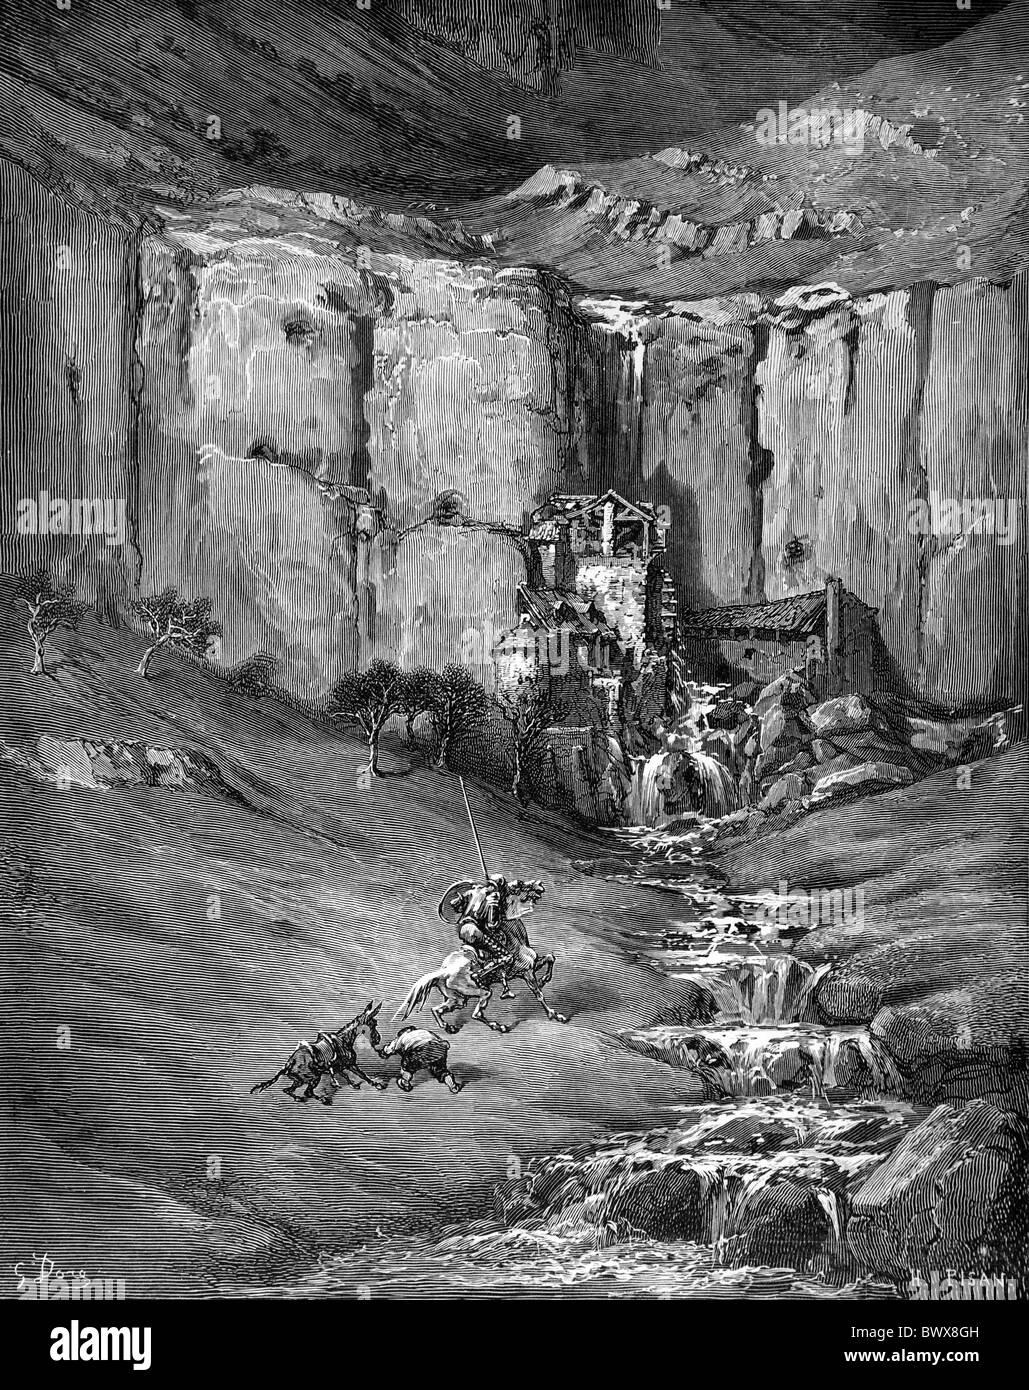 Gustave Doré; la aventura de los Batanes; ilustración de Don Quijote de Miguel de Cervantes grabado en Imagen De Stock